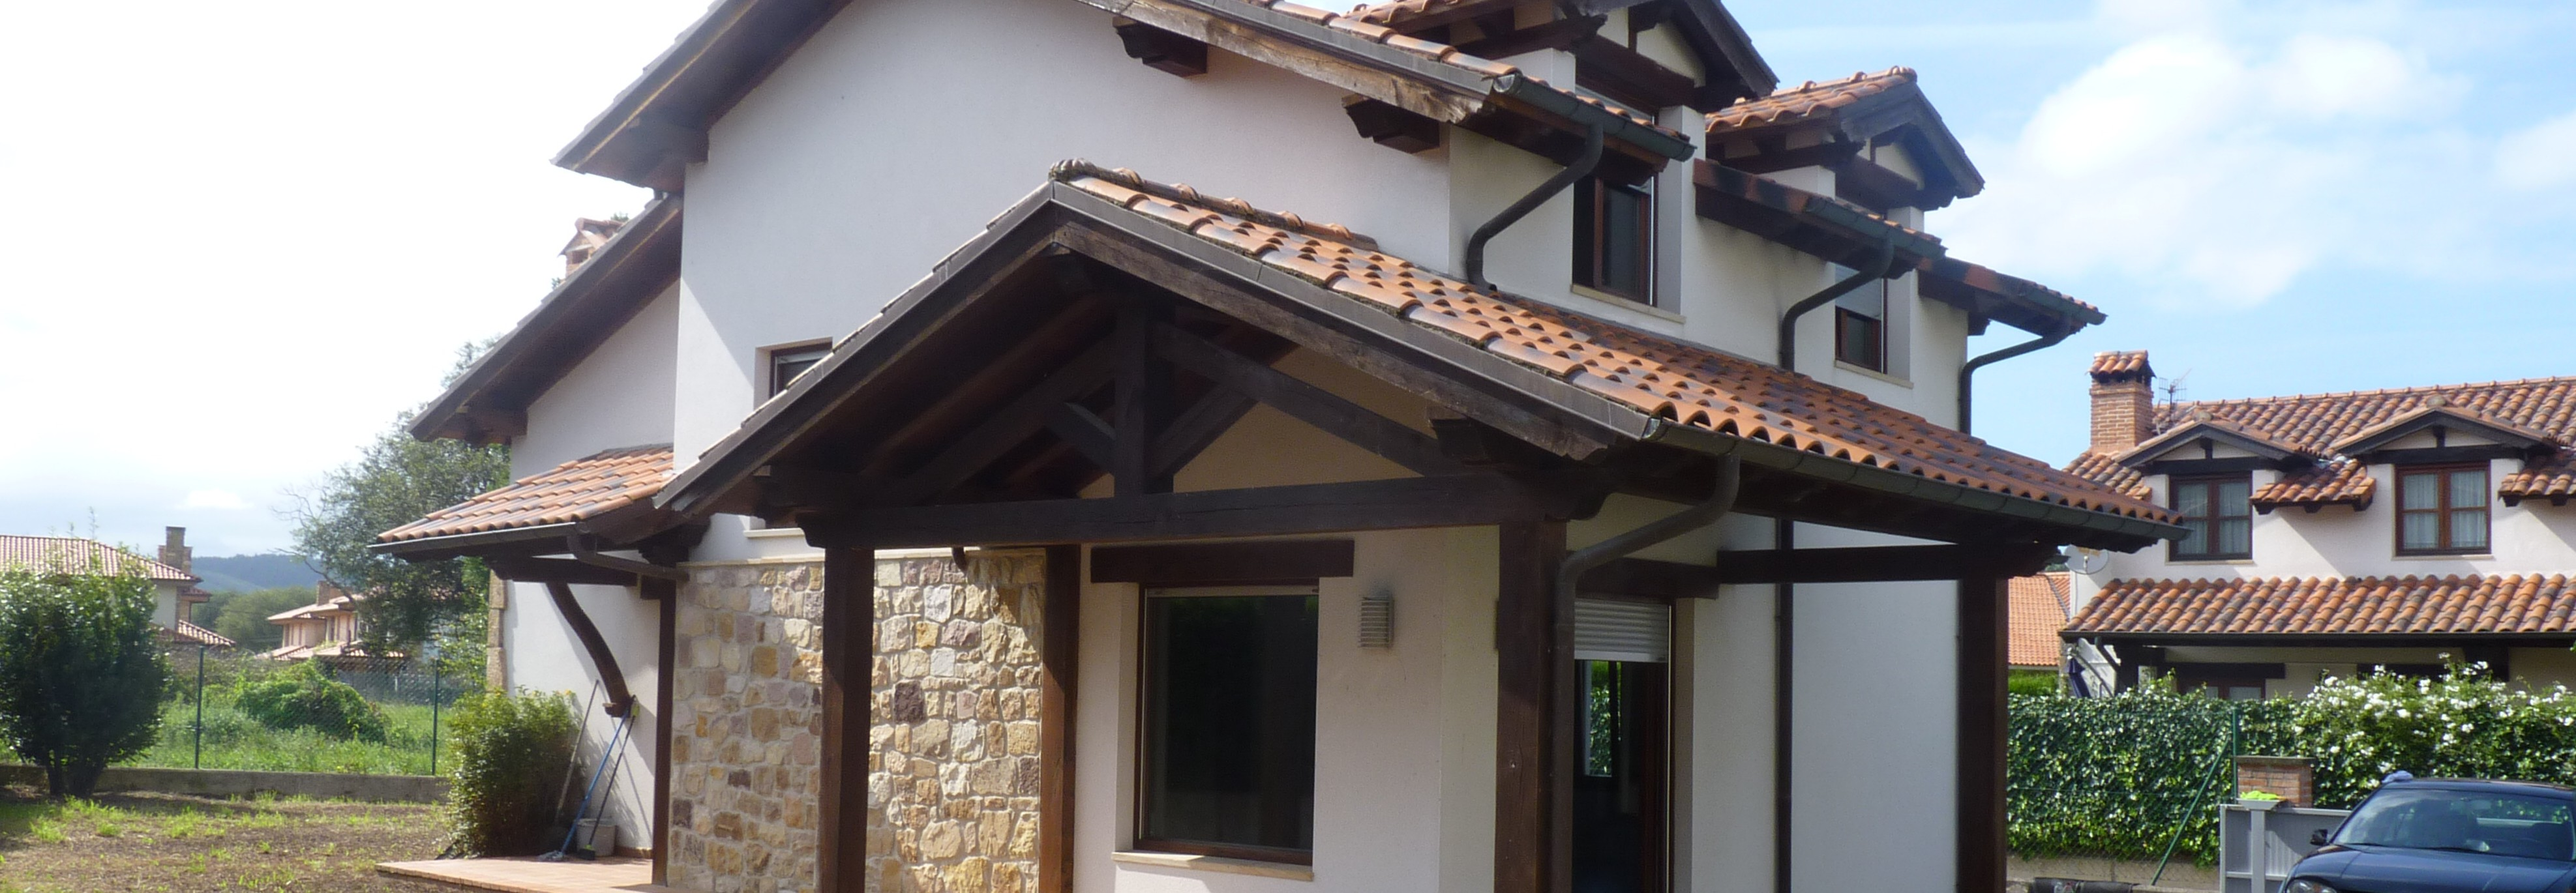 Venta chalet independiente de 4 dormitorios en Riaño de Ibio